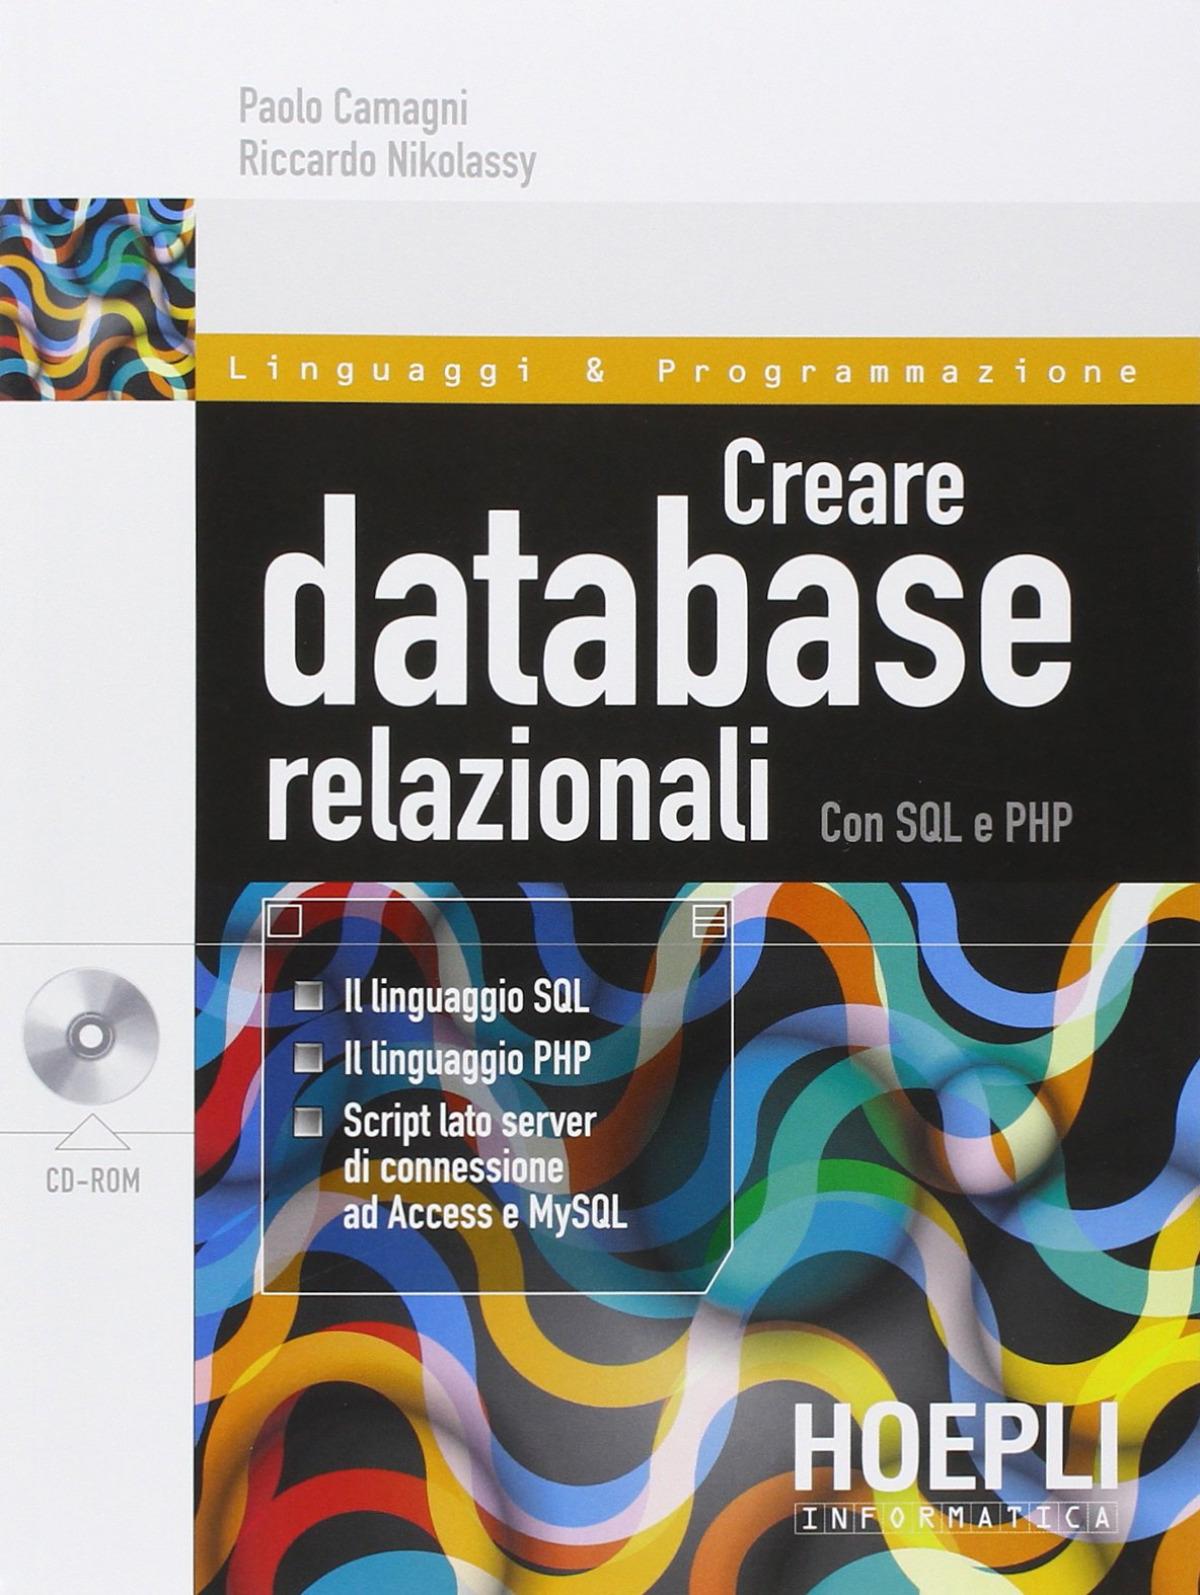 Creare database relazionali con SQL e PHP 9788820362850